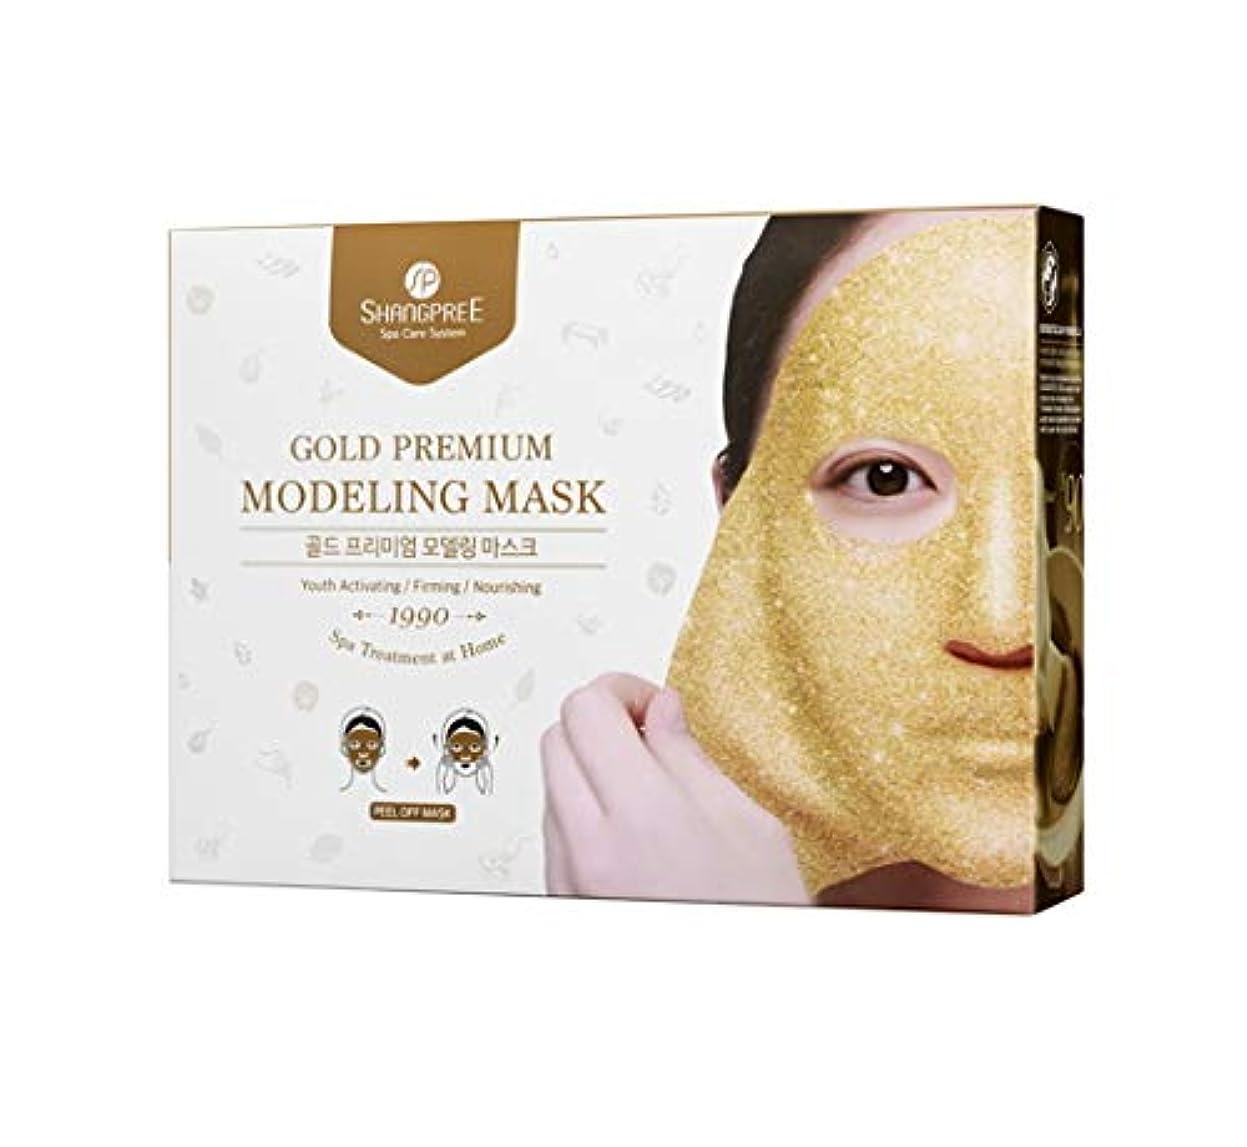 そばに検閲の前でShangpree プレミアムゴールドモデリングマスク 5枚 gold premium modeling mask 5ea (並行輸入品)